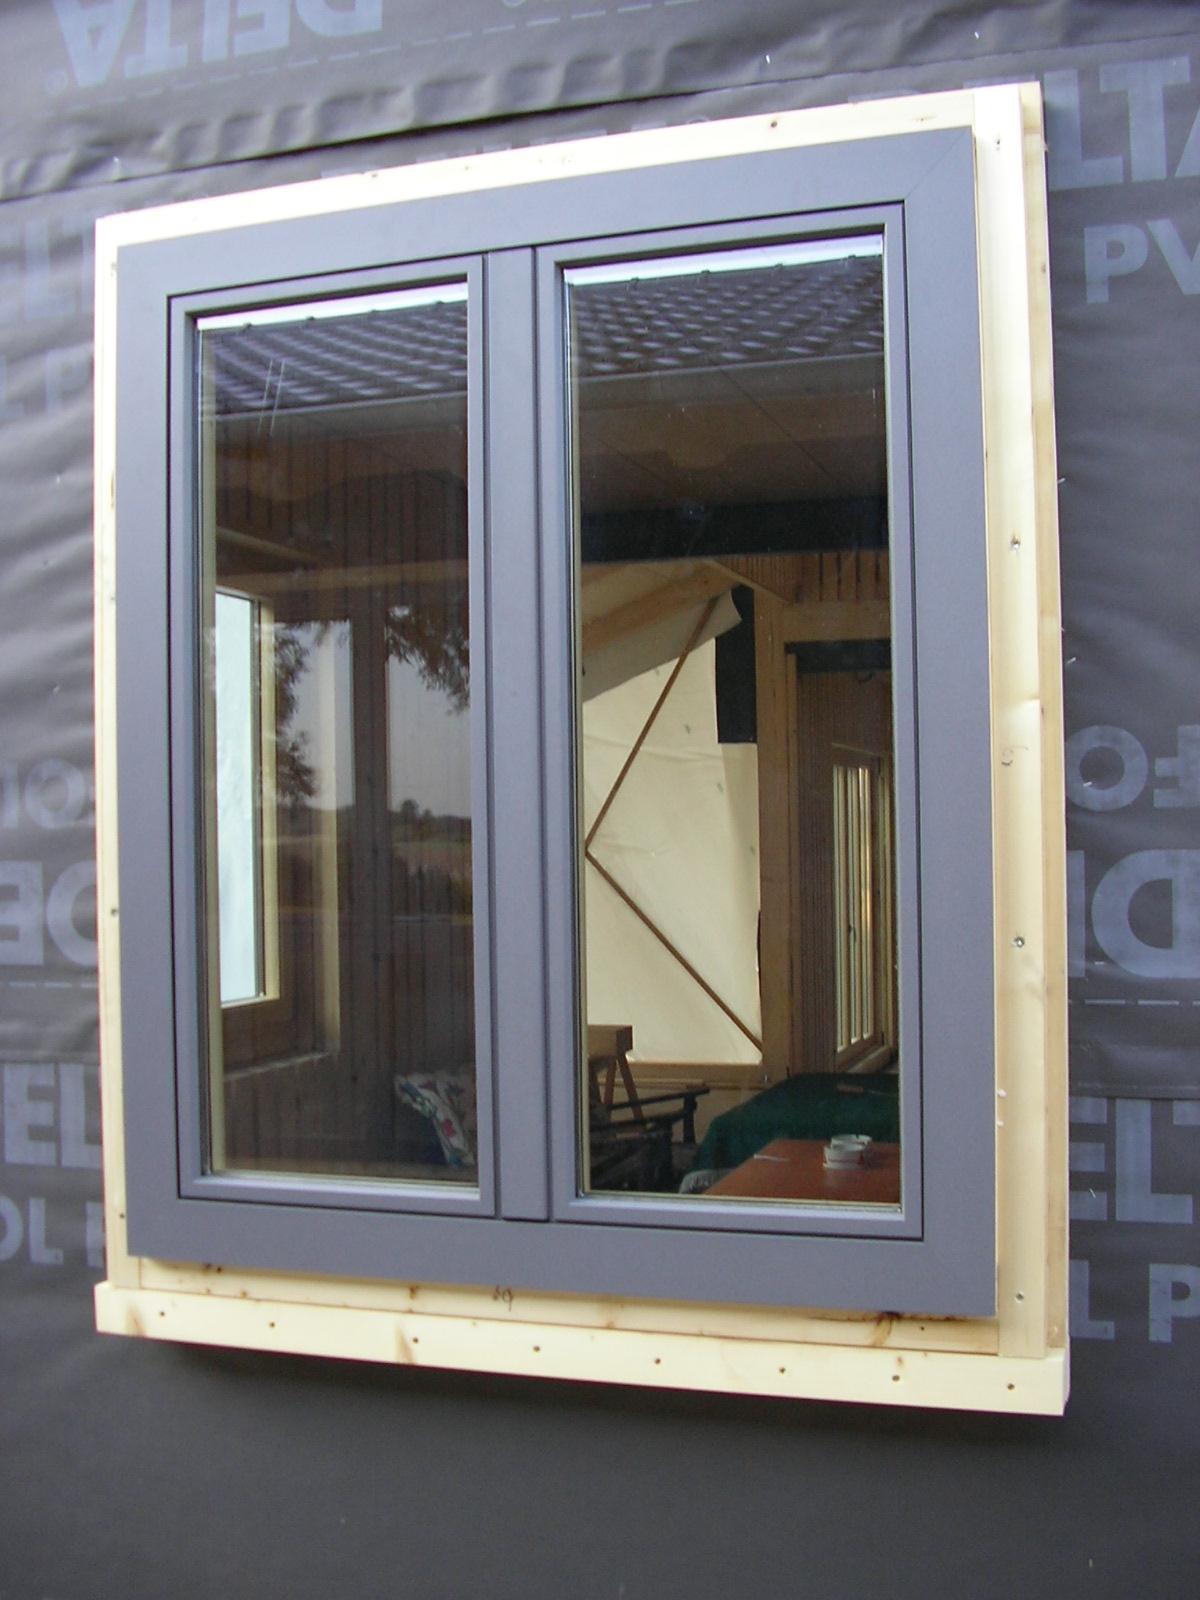 mack schreinerei fenster und m belbau ochsenfeld. Black Bedroom Furniture Sets. Home Design Ideas